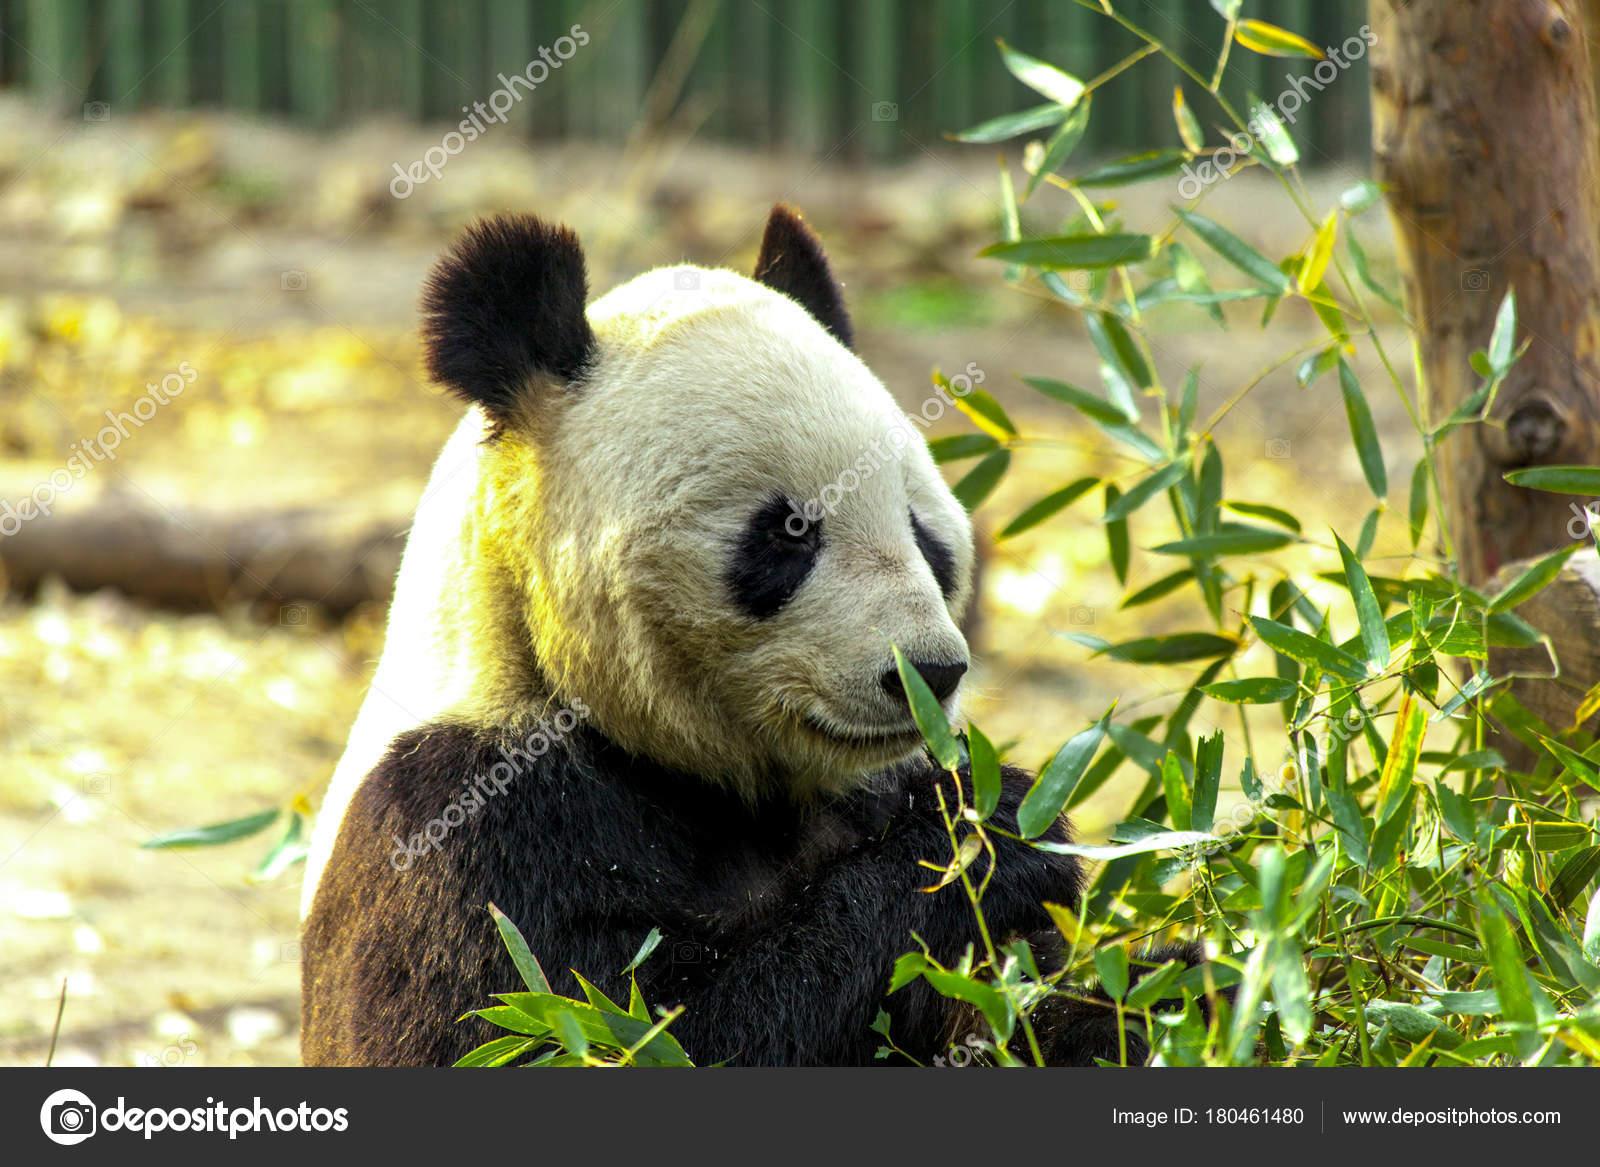 ジャイアント パンダの中国。パンダが竹を食べる — ストック写真